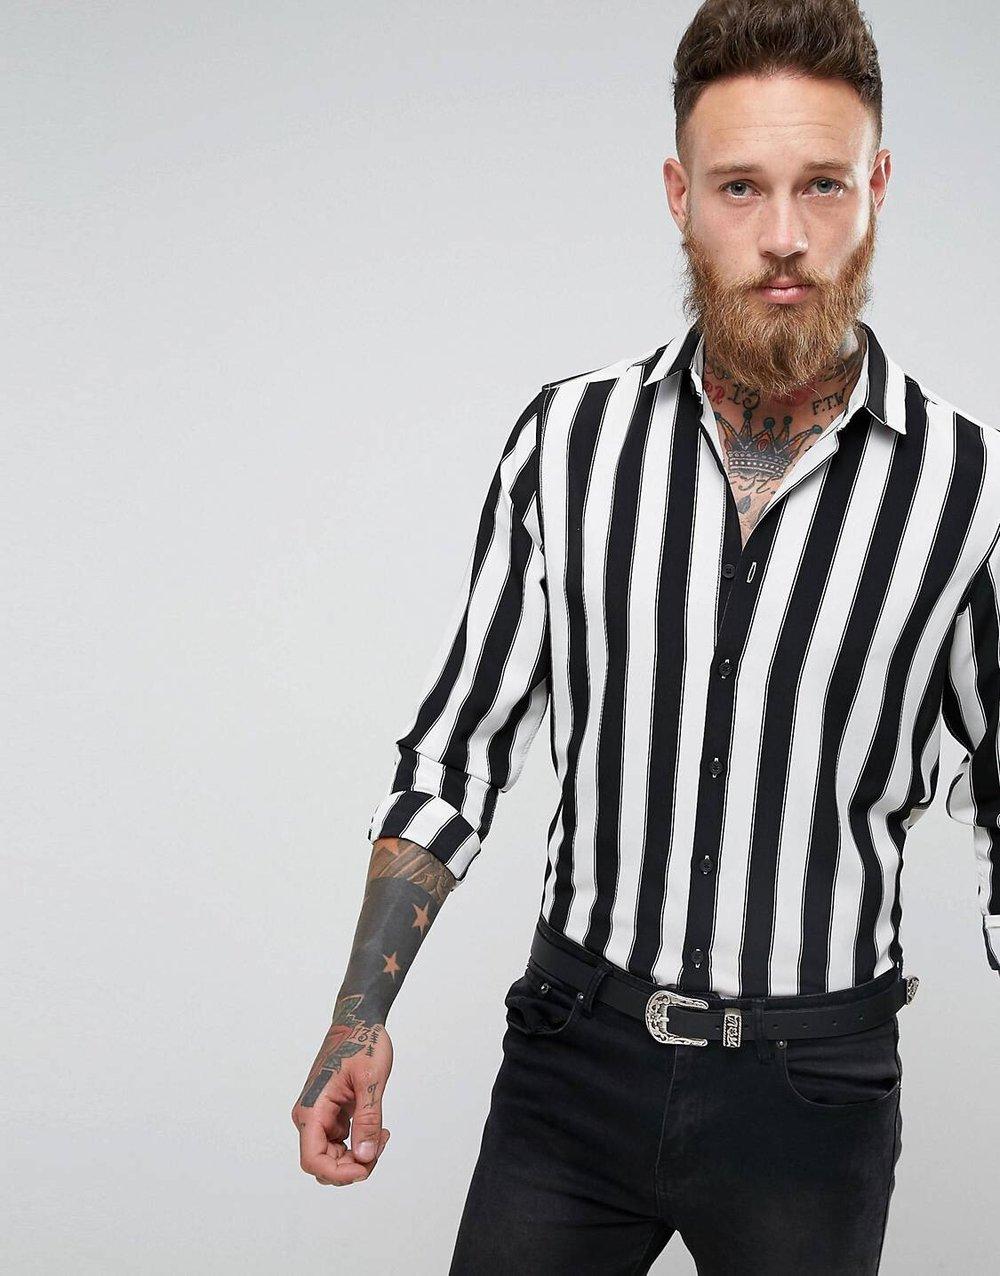 Â£25 ASOS Stripe - Ay yo, men section is as halal as it gets inni. I love me a good striped shirt.